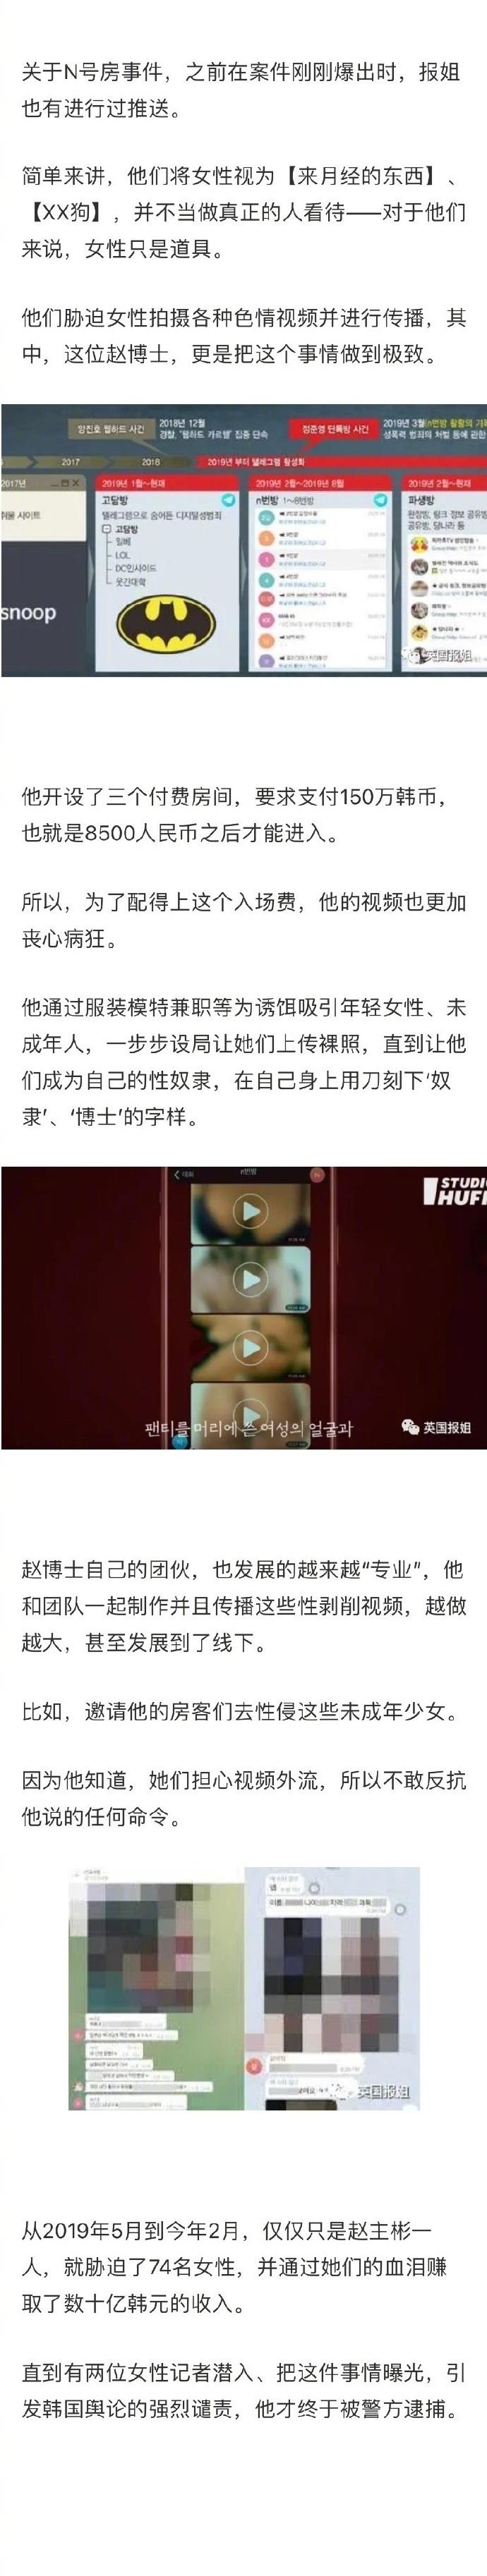 韩国n号房判决结果出来,N号房主犯 赵主彬 被判40年-云奇网